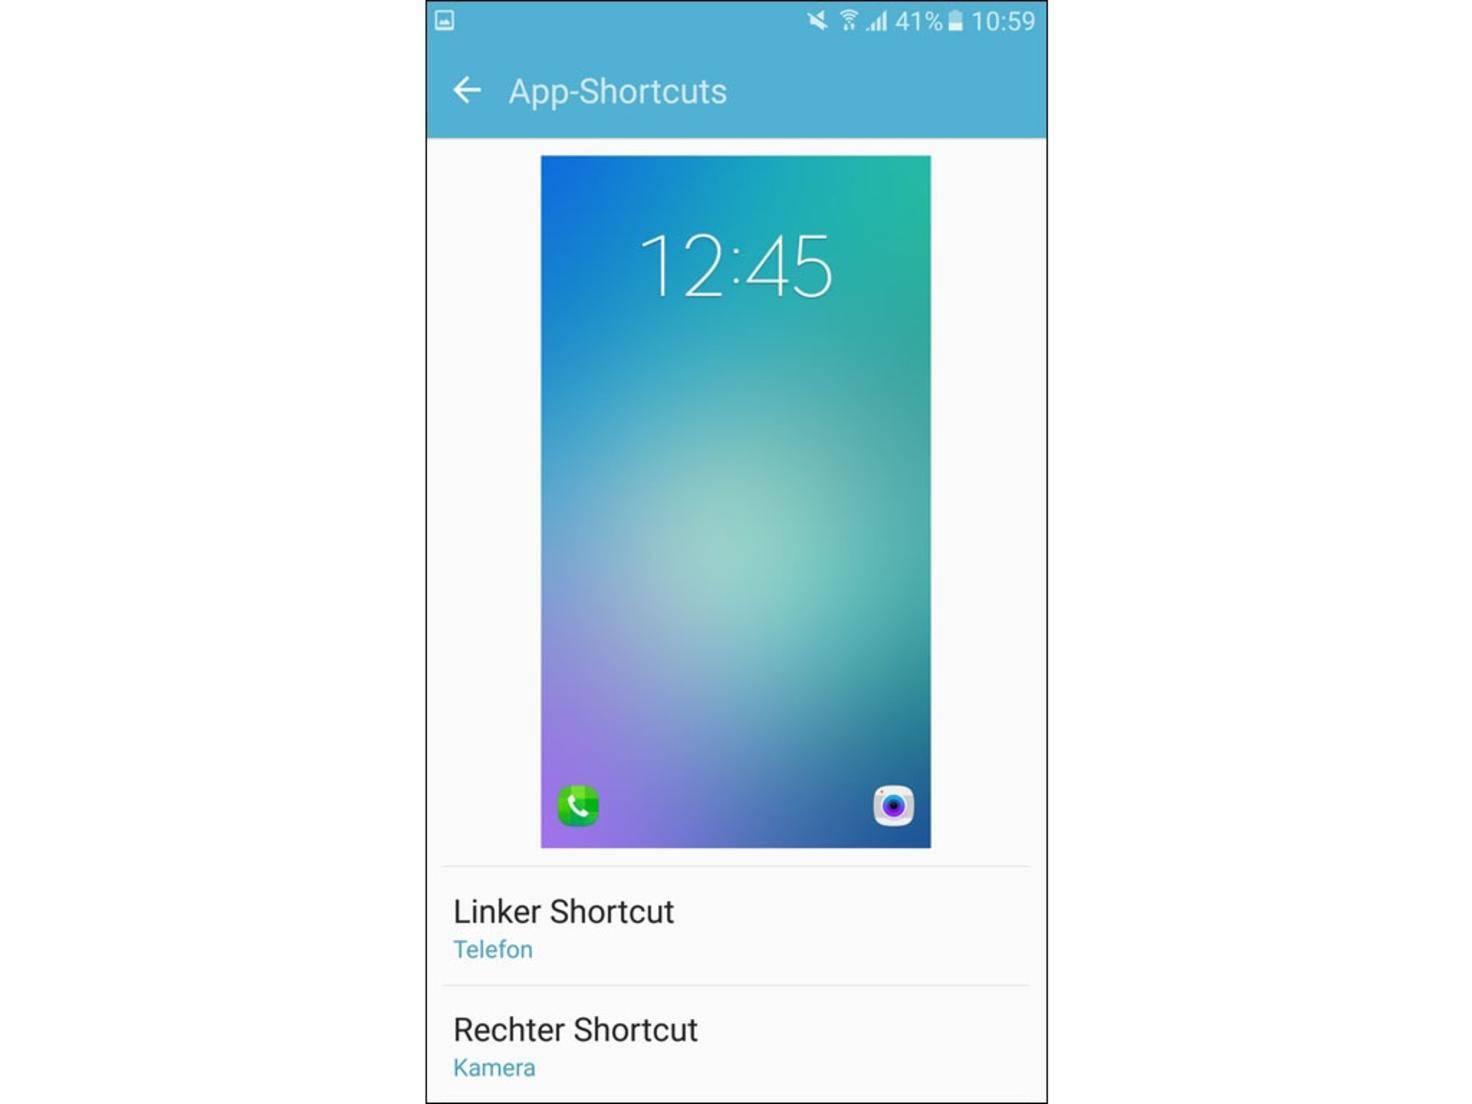 Zudem finden dort zwei App-Shortcuts Platz.